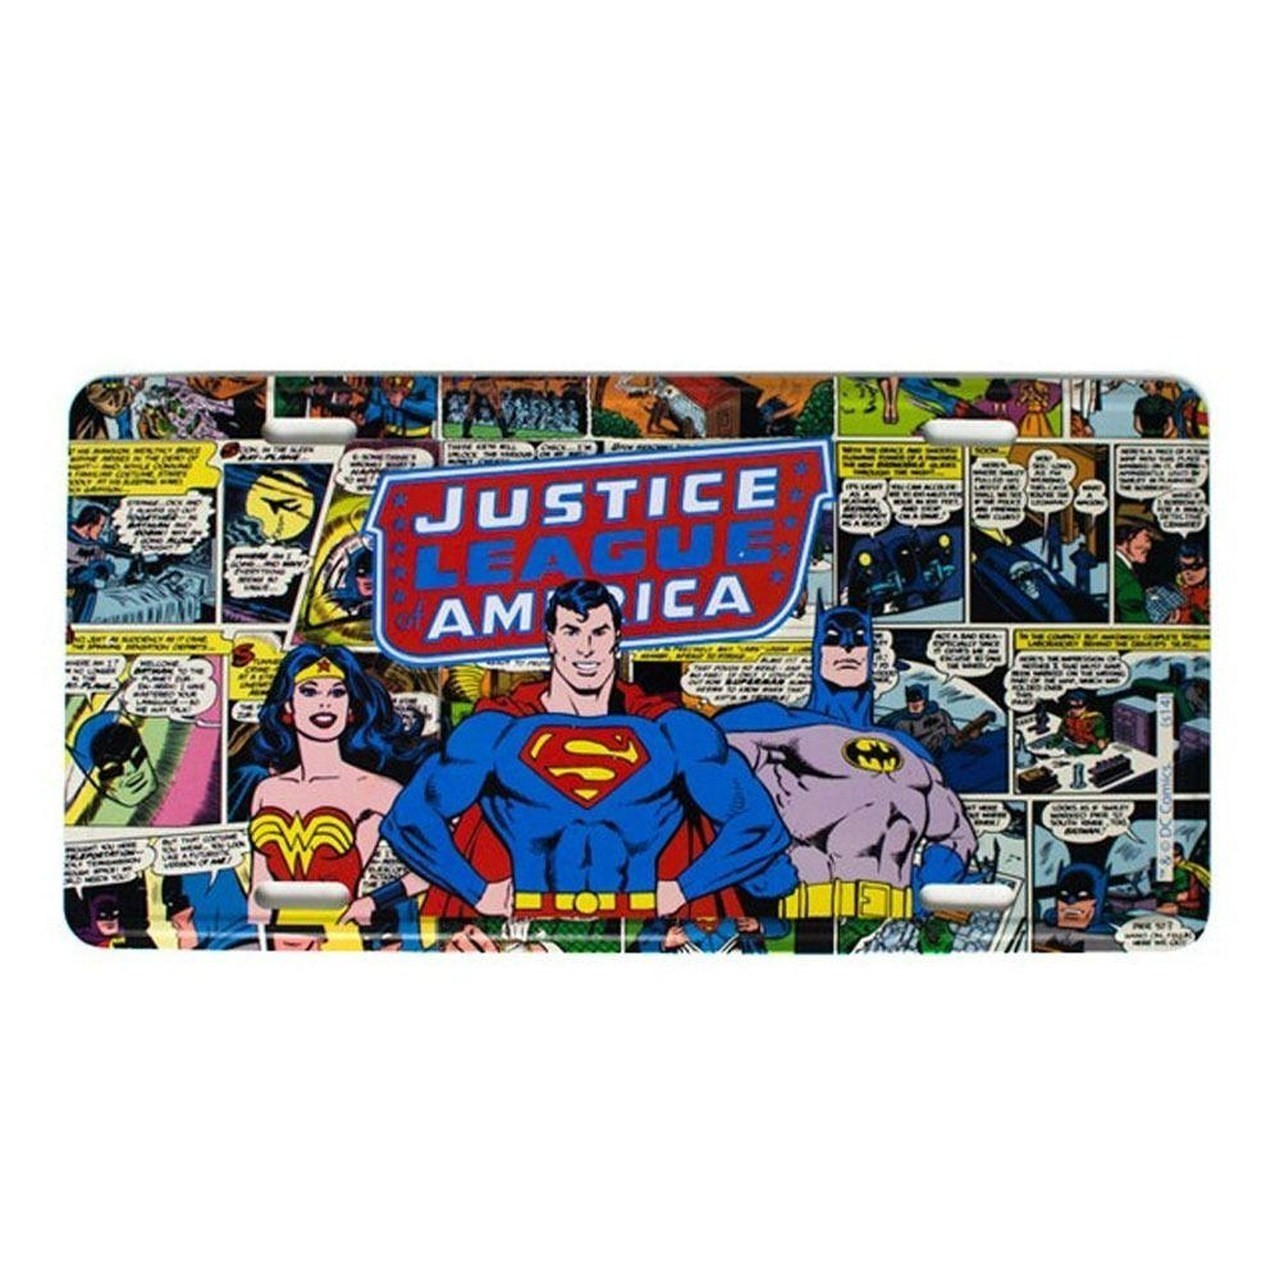 Placa De carro Liga da Justiça Americana (Justice League America)  - Metropole